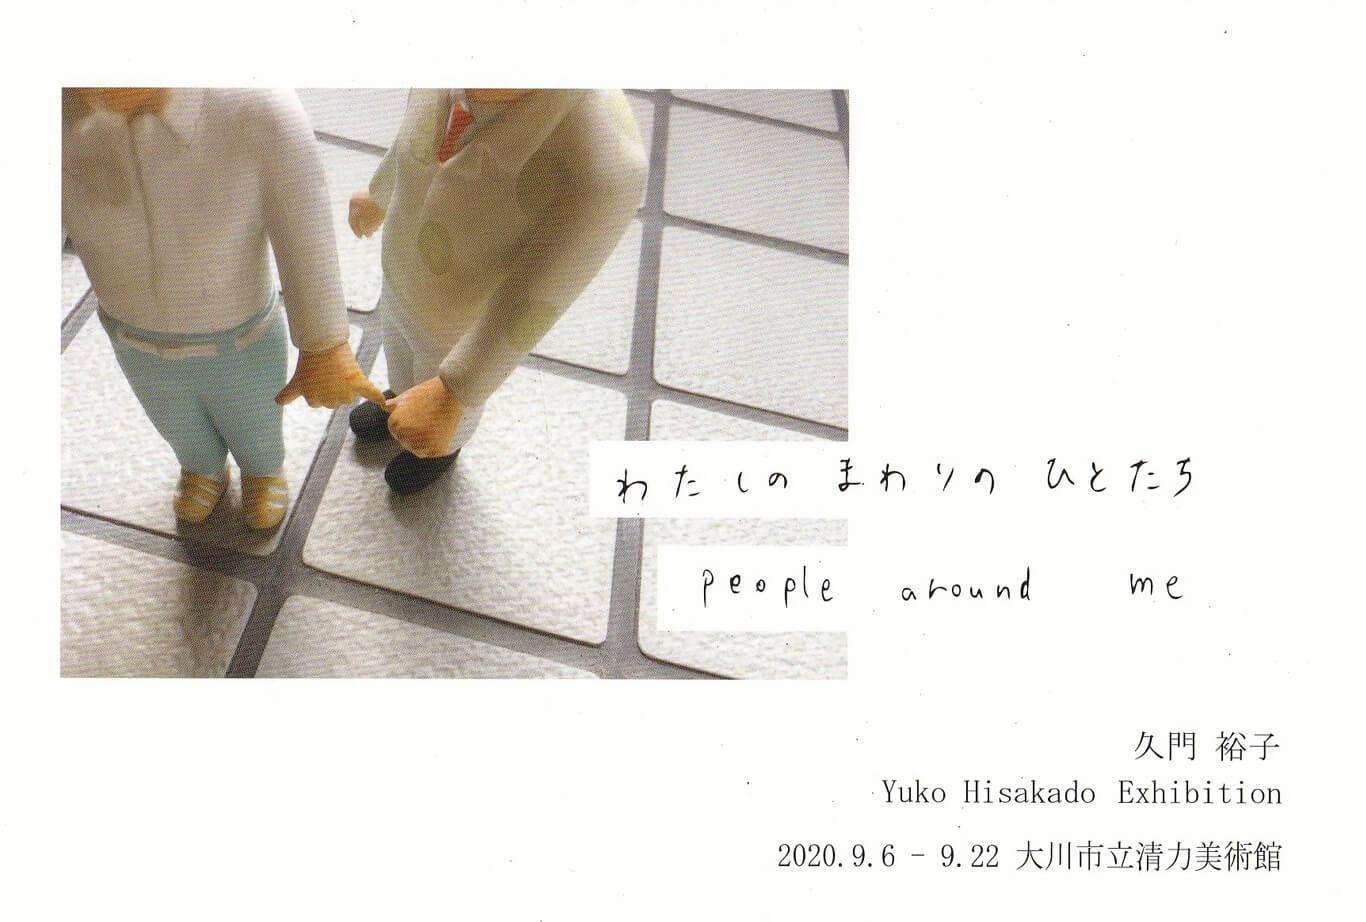 seiriki-202009-久門 裕子 展